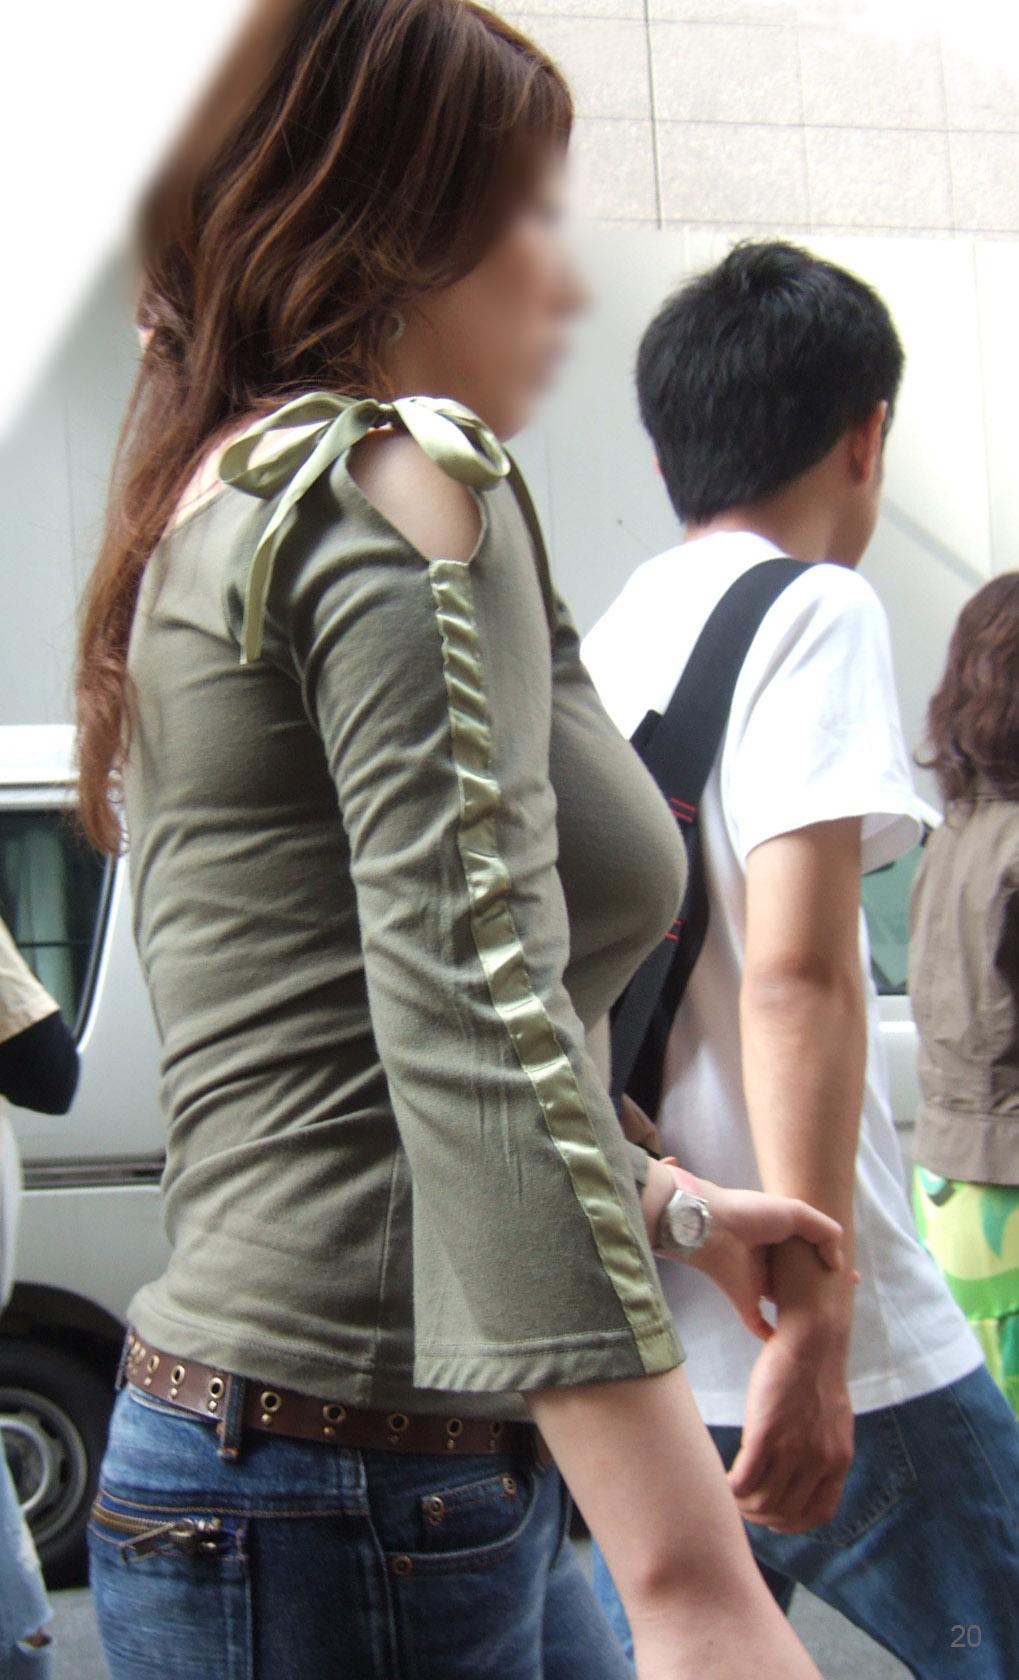 【着衣巨乳エロ画像】何着ても目立ってしまう膨らみ…増殖しすぎのイヤらしき乳袋持ちな素人www 09